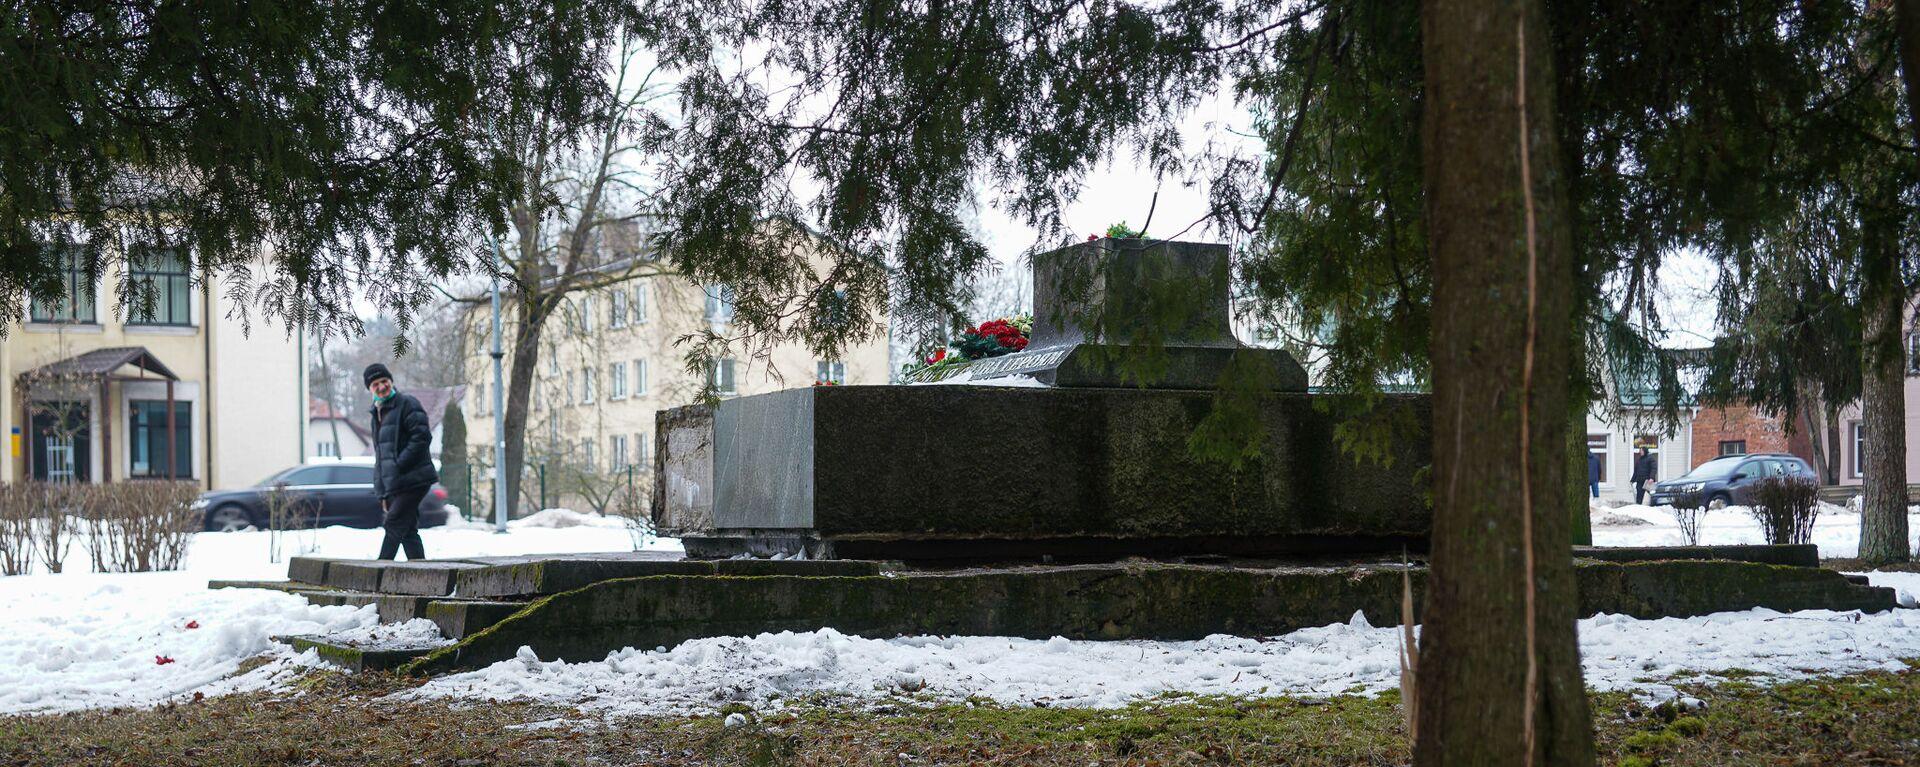 В ночь на 24 февраля в Екабпилсе вандалы украли пушку ЗиС-3 с могилы героев-освободителей Екабпилса от нацистских захватчиков - Sputnik Latvija, 1920, 11.03.2021